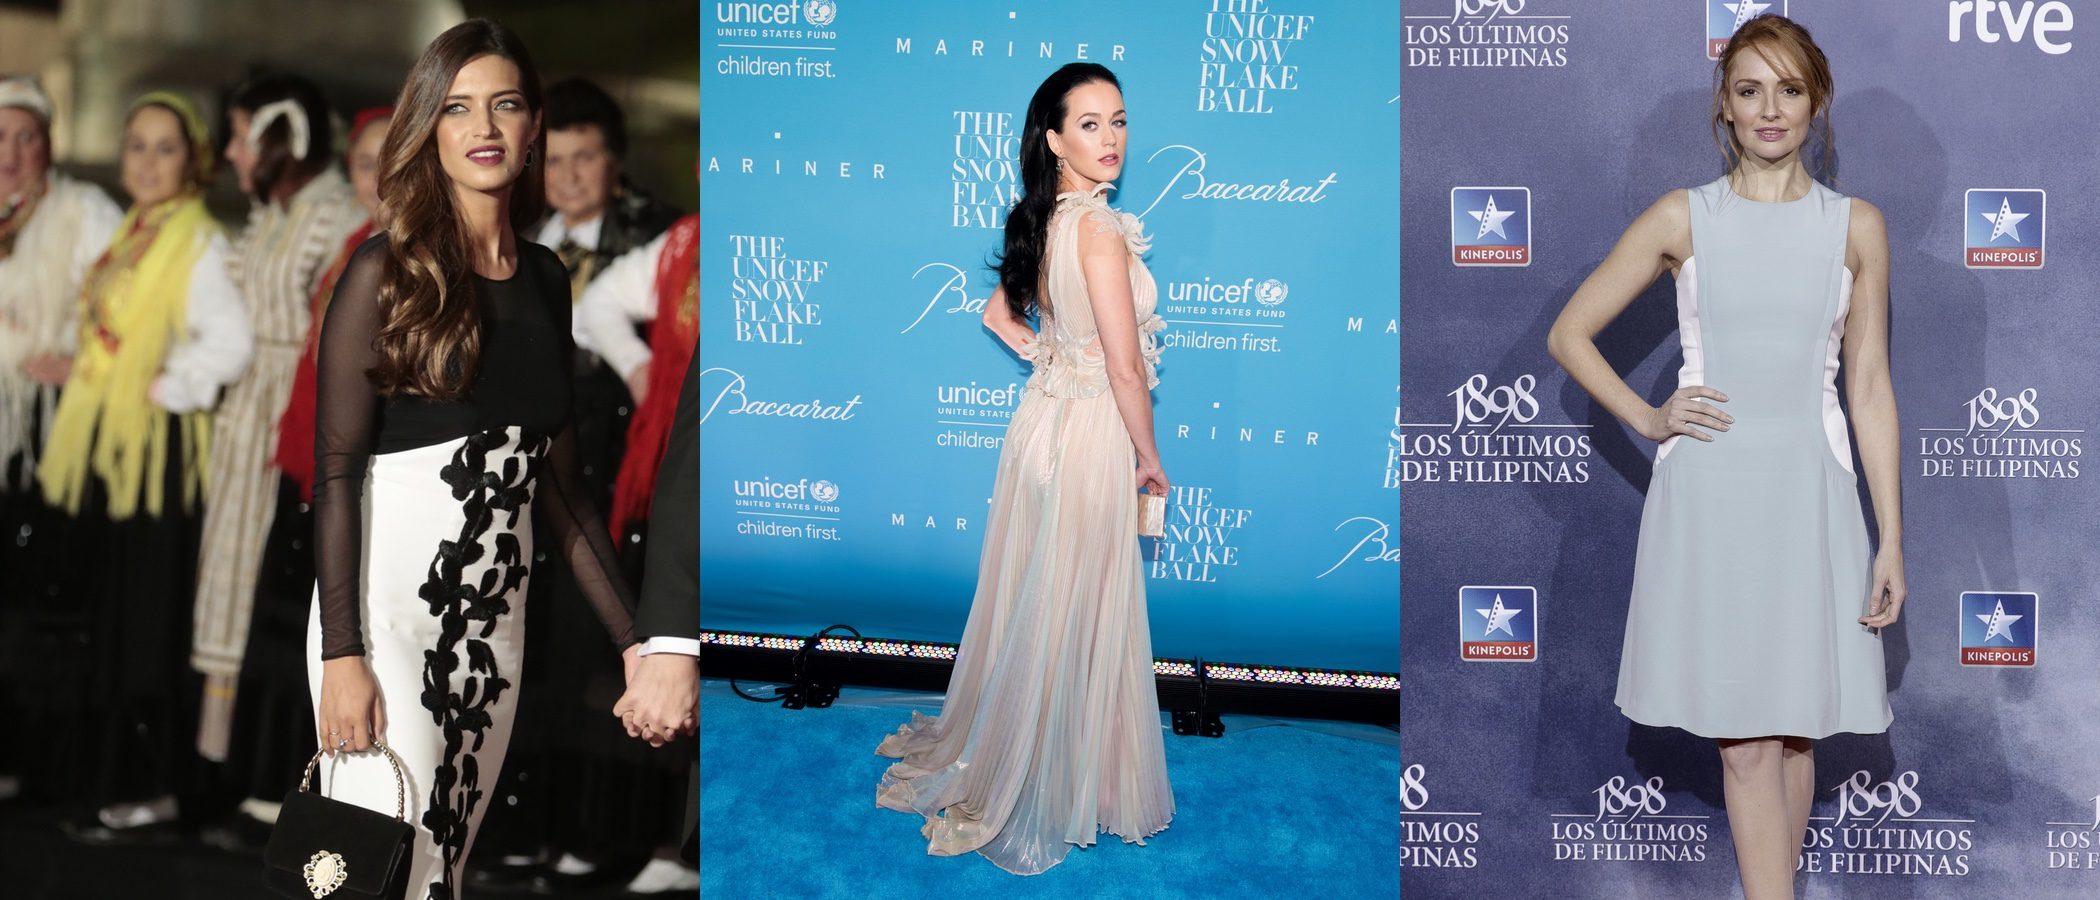 Sara Carbonero, Katy Perry y Cristina Castaño, entre las mejor vestidas de la semana